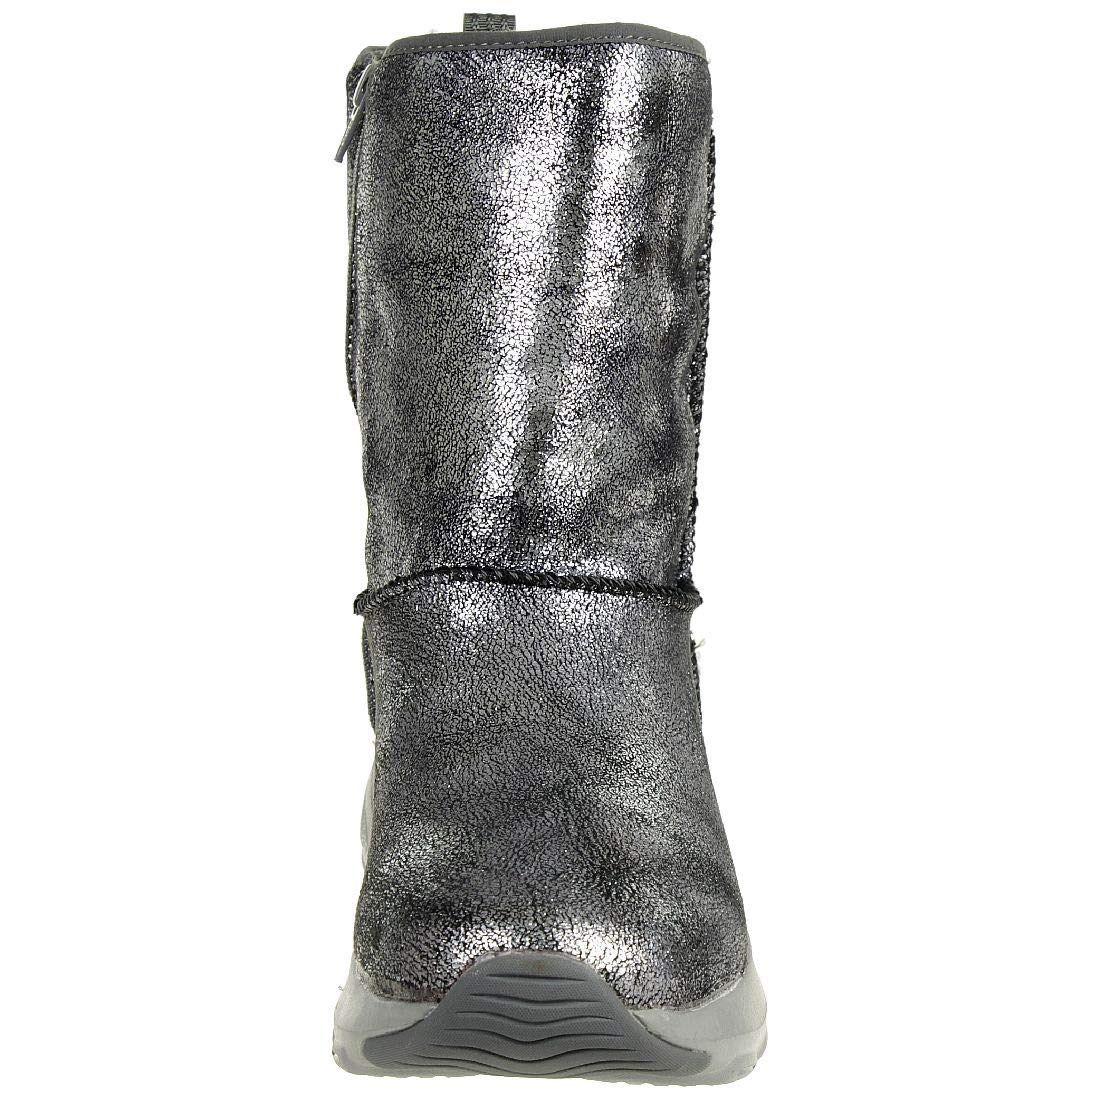 Skechers D´Lite Ultra Temp Damen Stiefel 38 Winterschuhe gefüttert Gun, Schuhgröße 38 Stiefel EU 358fa4